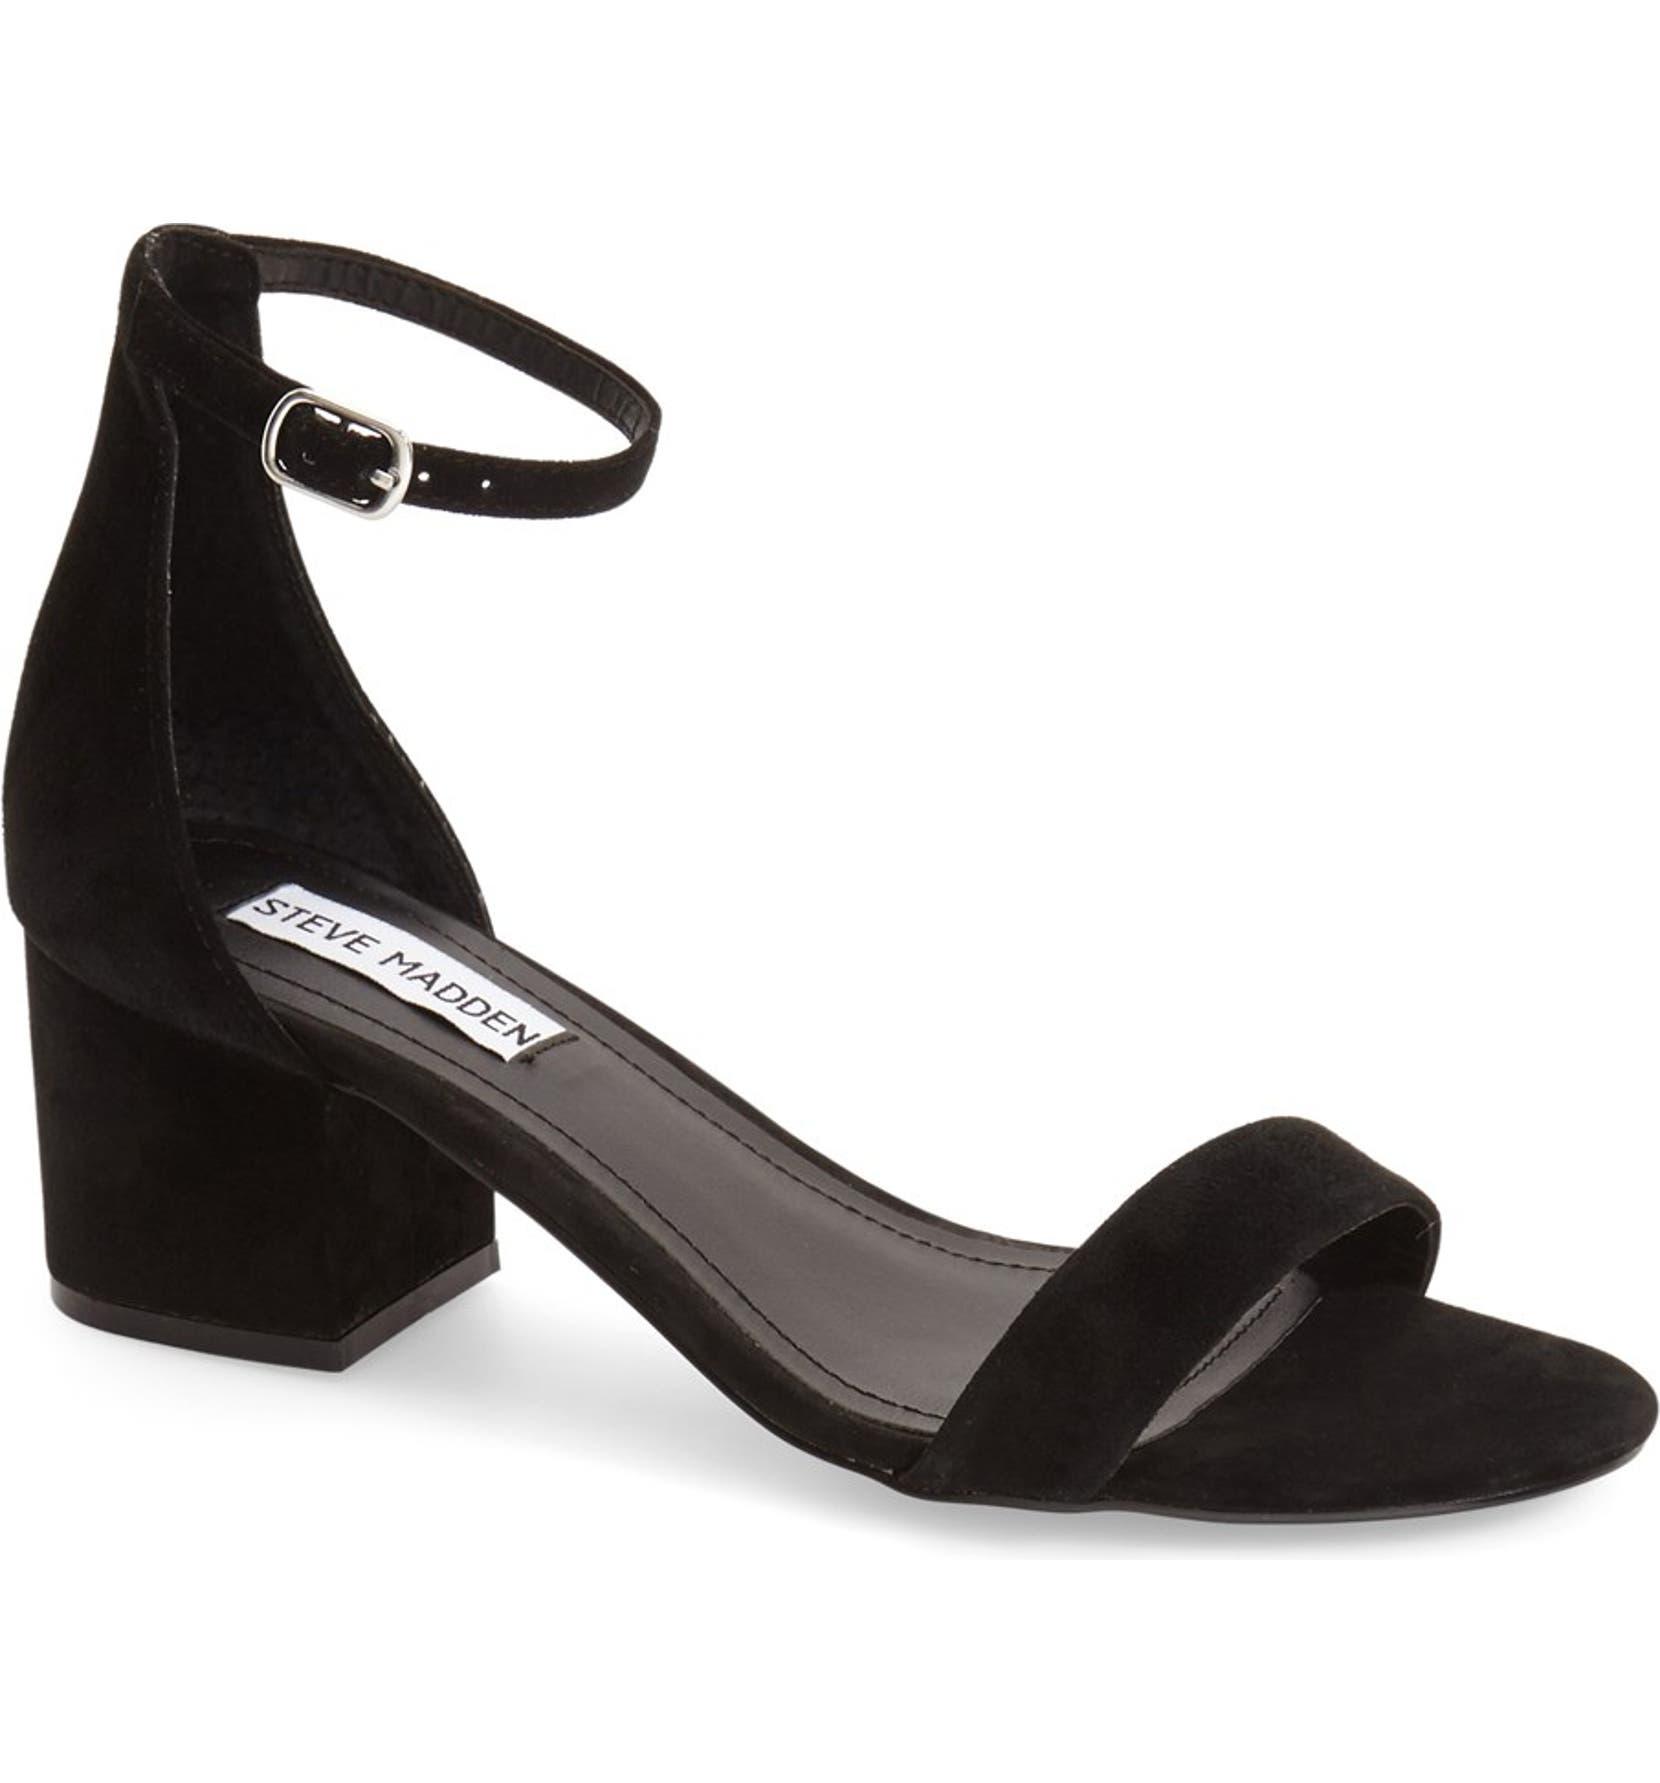 b9d571ce938 Steve Madden Irenee Ankle Strap Sandal (Women)